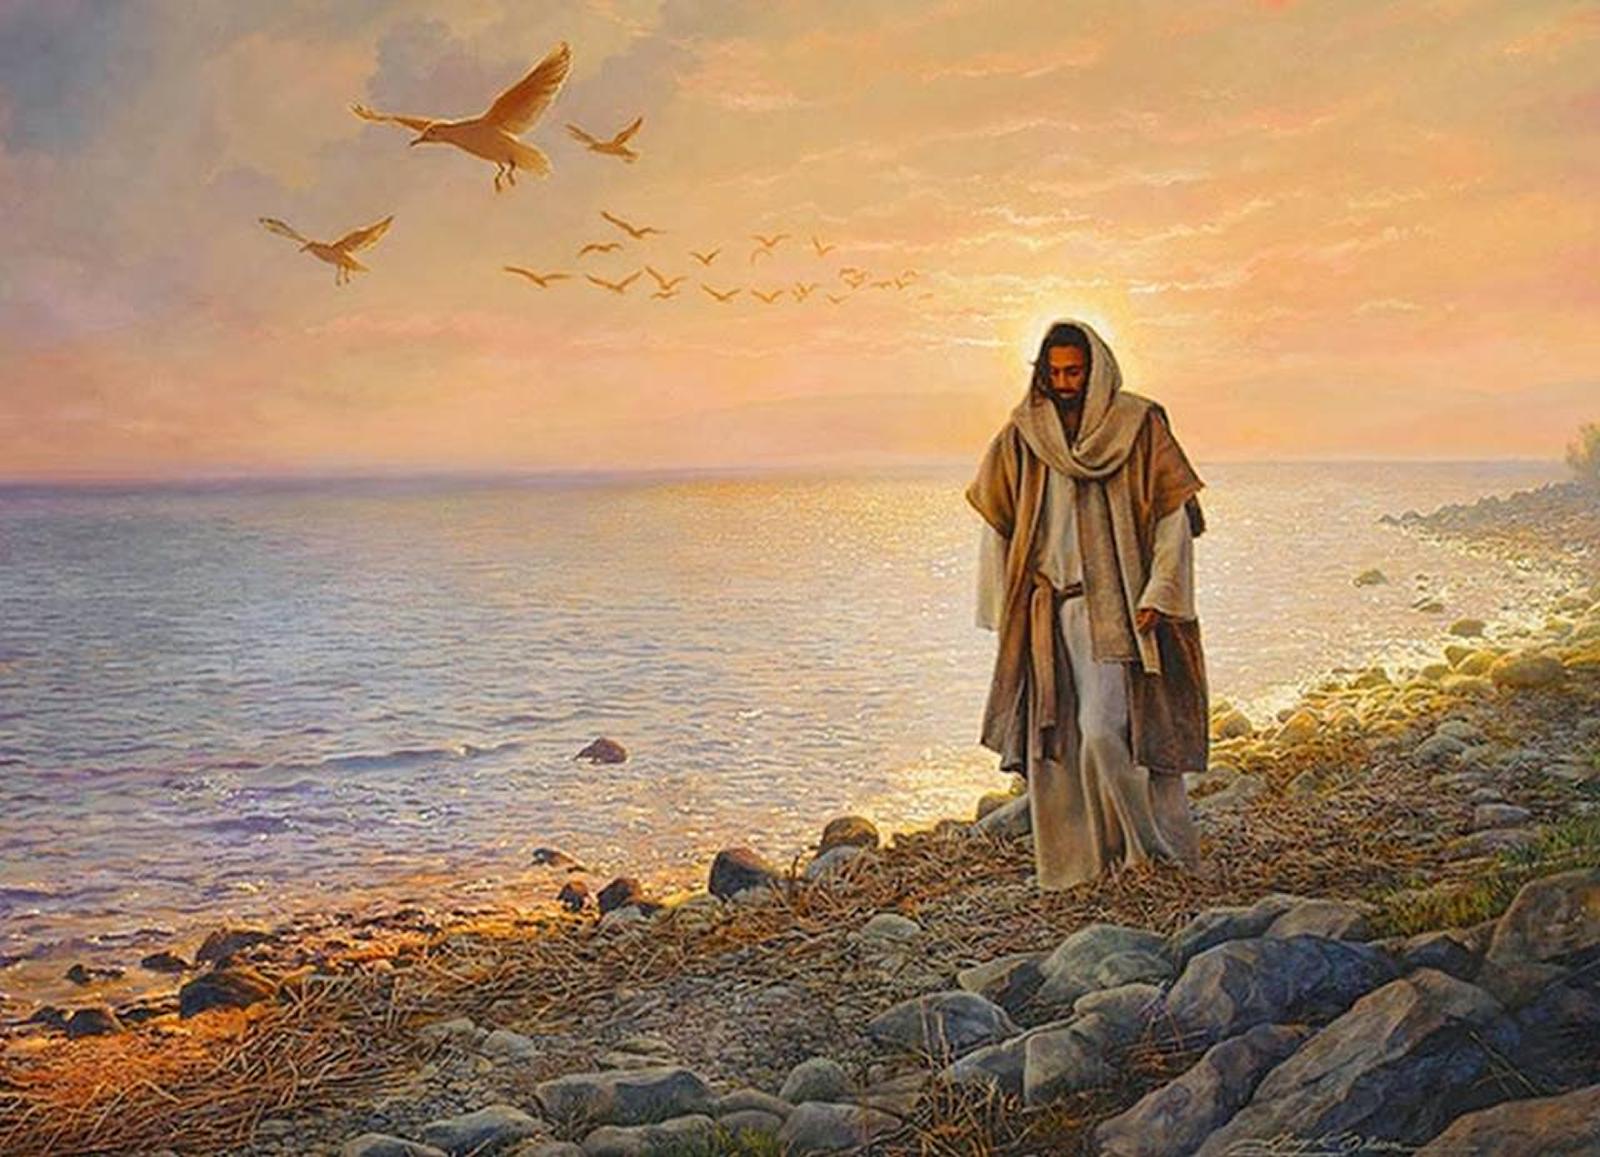 Fondos De Paisajes Con Jesus En Hd Para Descargar Gratis 5 Hd